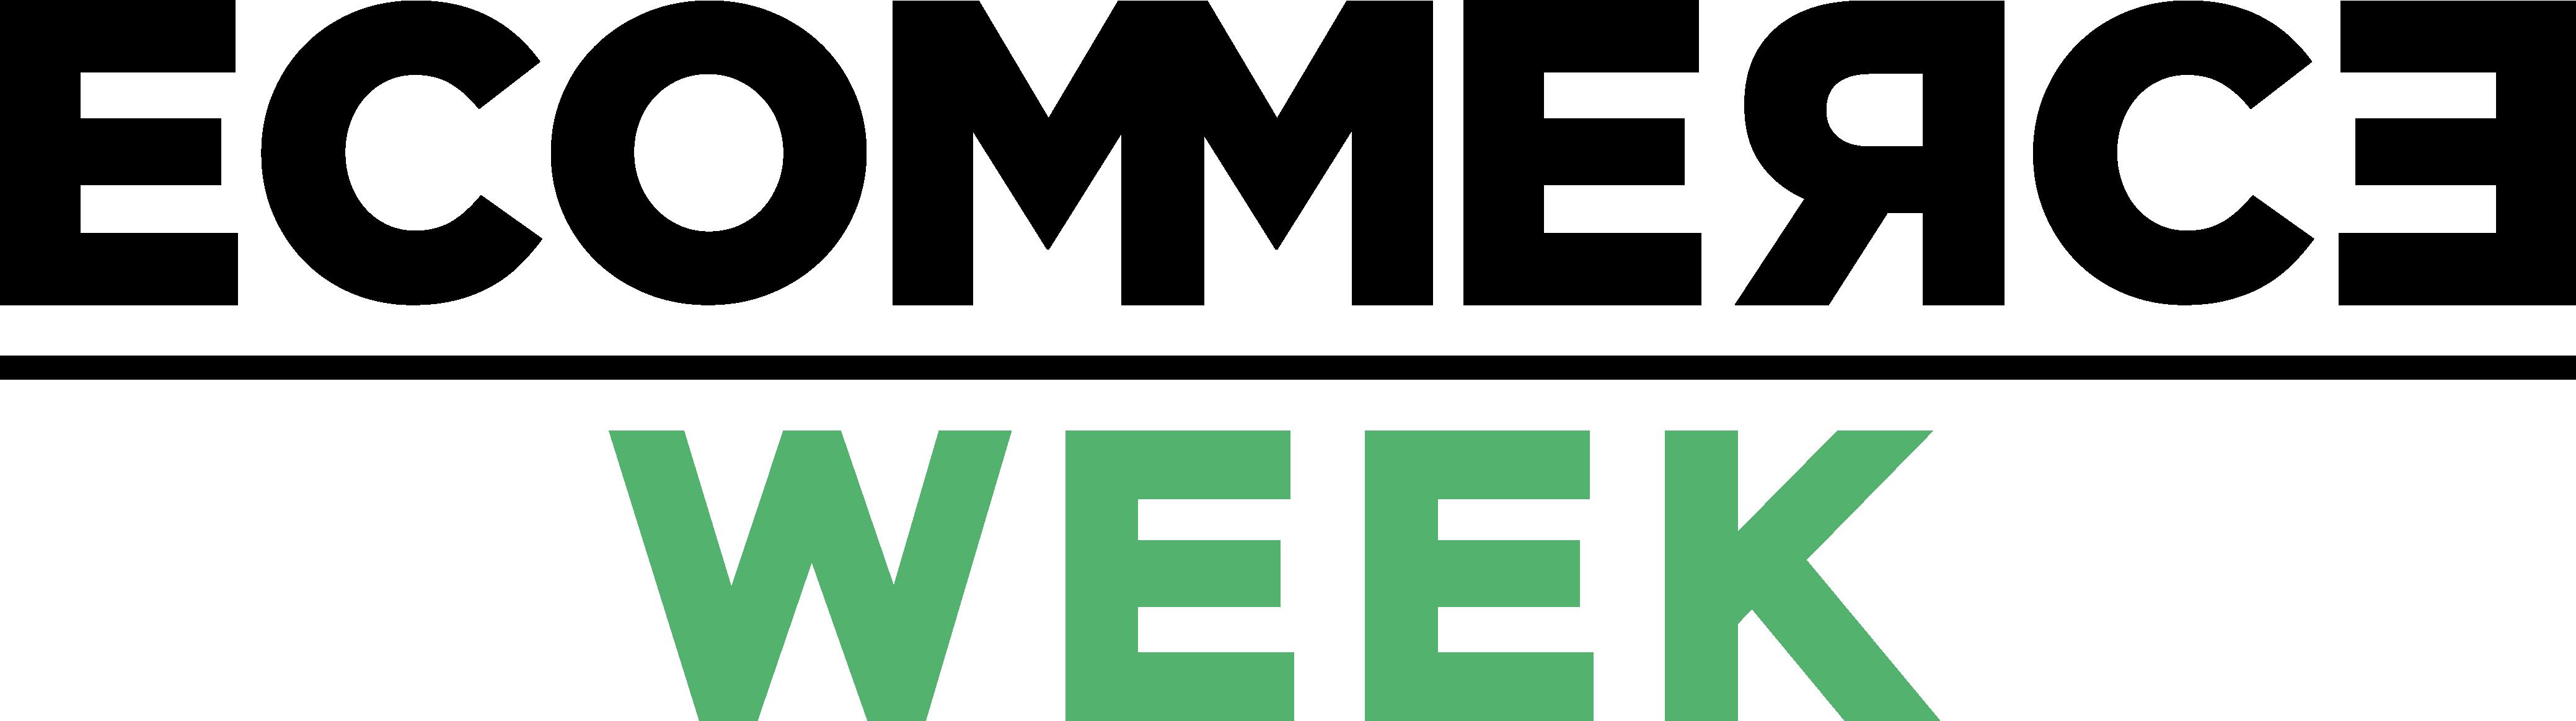 ecommerceweek-logo